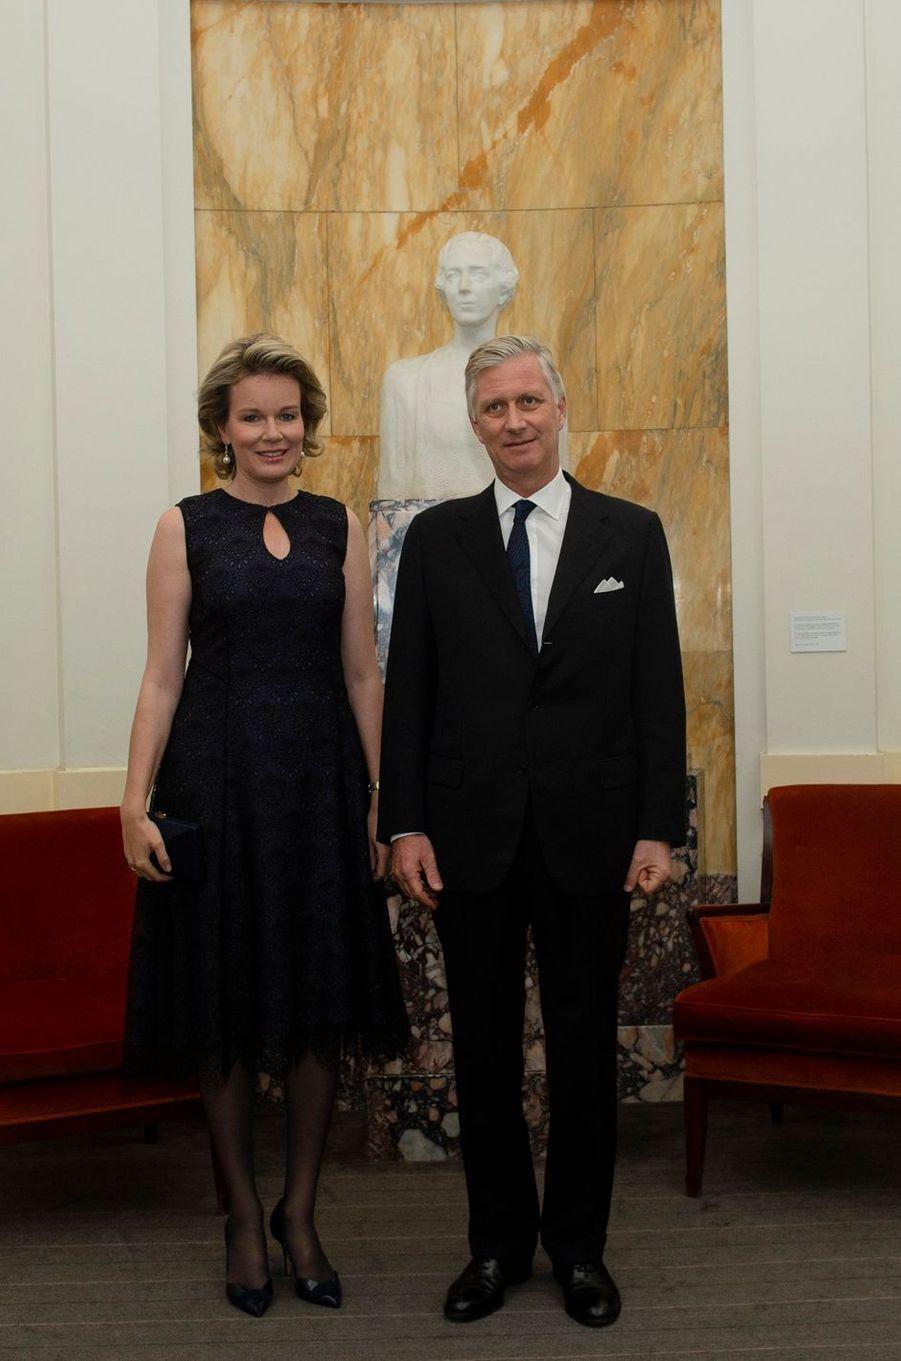 La reine Mathilde et le roi des Belges Philippe à Bruxelles, le 11 novembre 2018